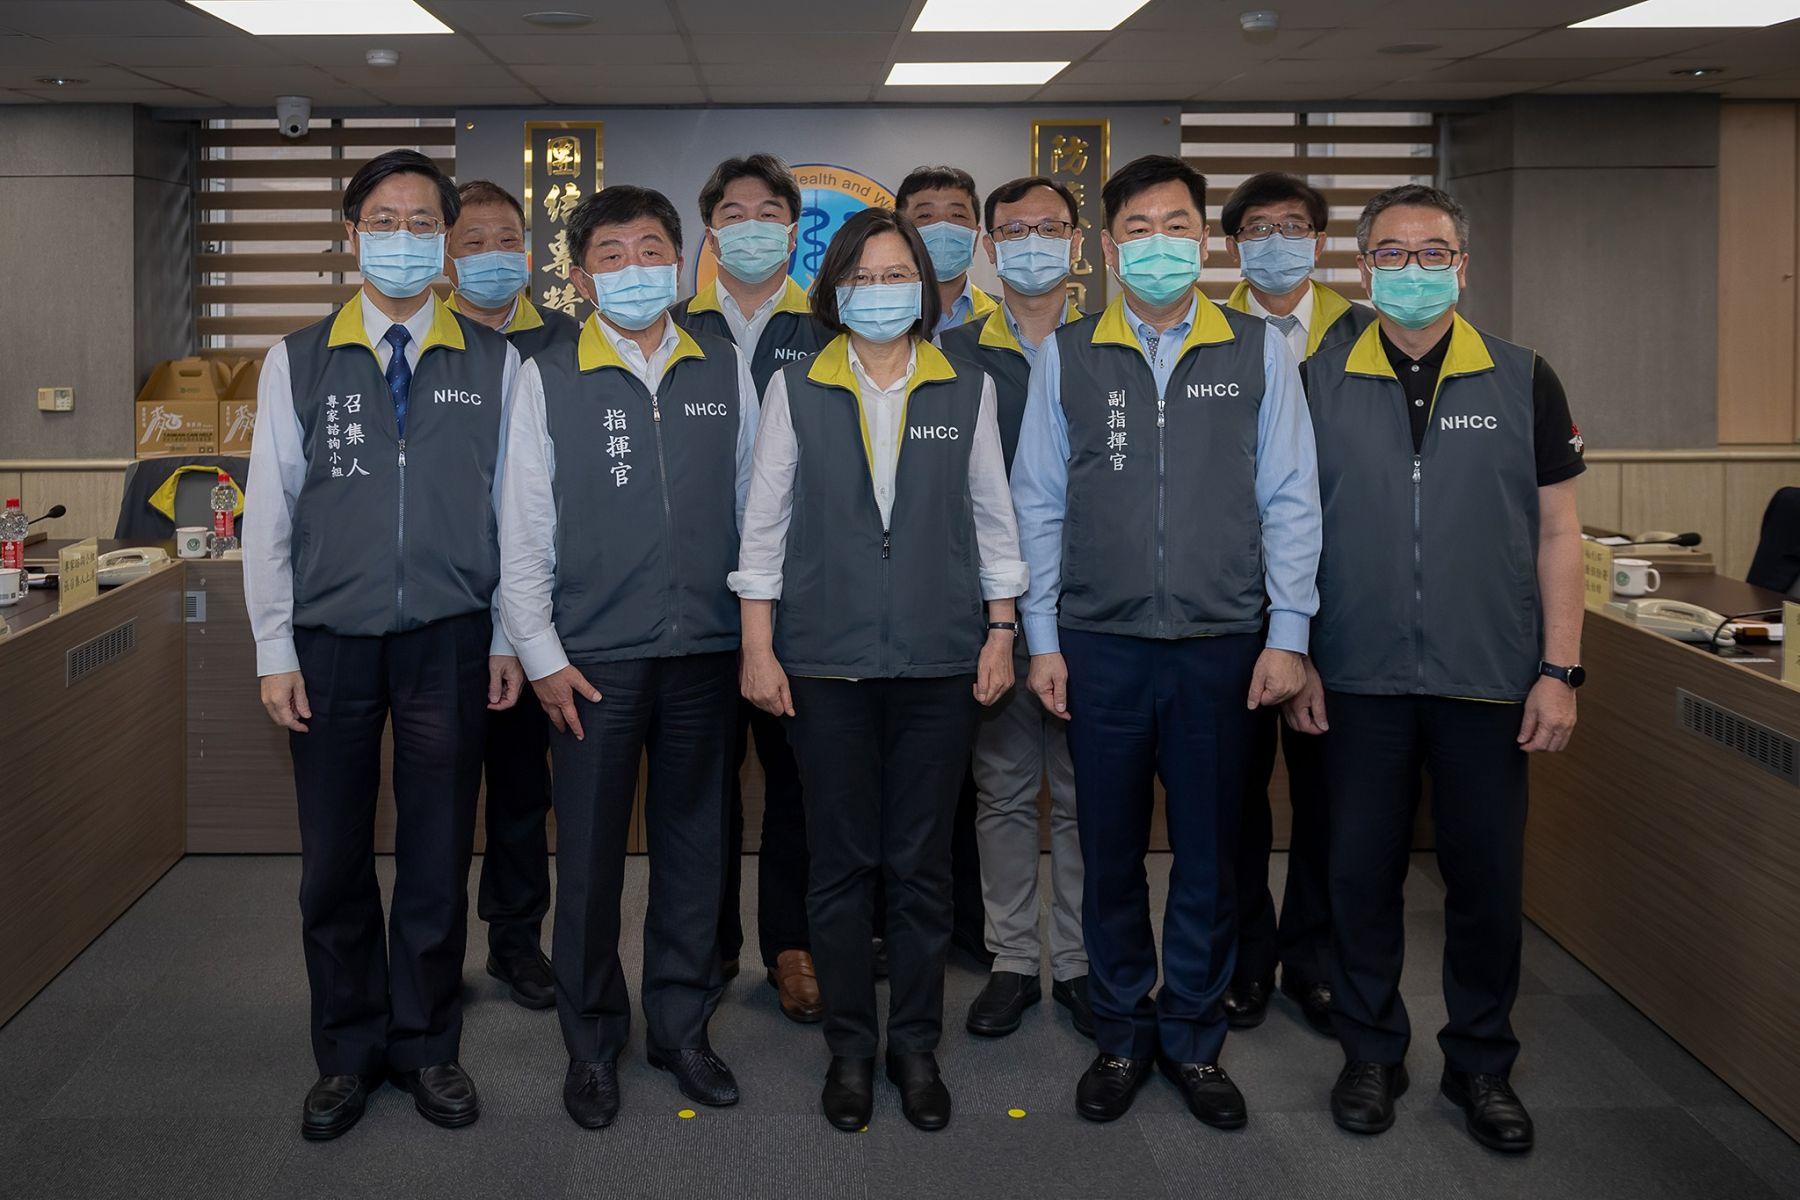 蔡英文PO出台灣抗疫影片「獻給每位台灣人」 感動惹哭萬人!